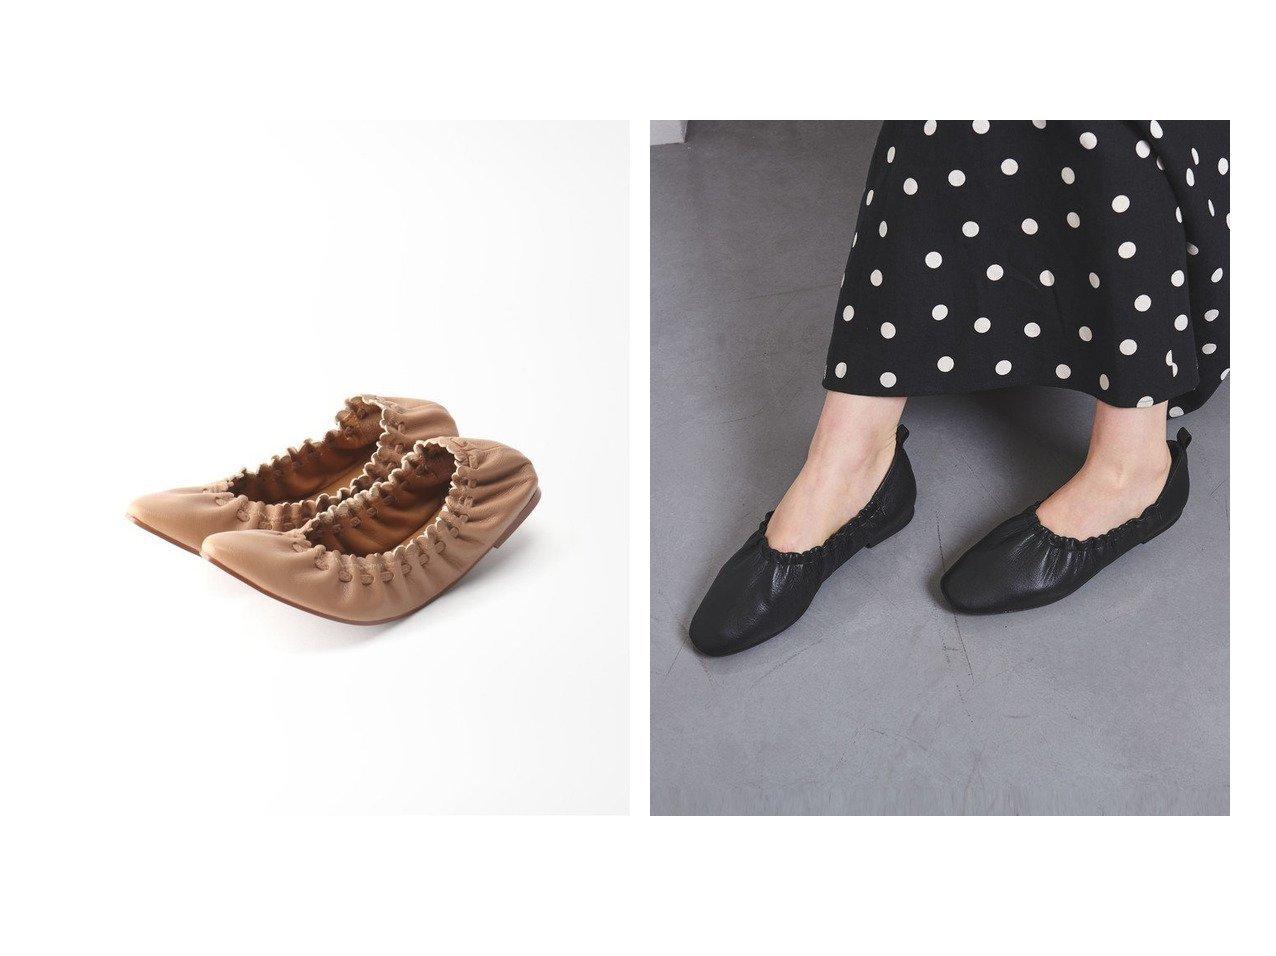 【Spick & Span/スピック&スパン】の【SEE BY CHLOE】SCALAPフラットシューズ&【UNITED ARROWS/ユナイテッドアローズ】のUWCMD スクエア ギャザー フラットシューズ† 【シューズ・靴】おすすめ!人気、トレンド・レディースファッションの通販 おすすめで人気の流行・トレンド、ファッションの通販商品 メンズファッション・キッズファッション・インテリア・家具・レディースファッション・服の通販 founy(ファニー) https://founy.com/ ファッション Fashion レディースファッション WOMEN シューズ バレエ フラット  ID:crp329100000030392